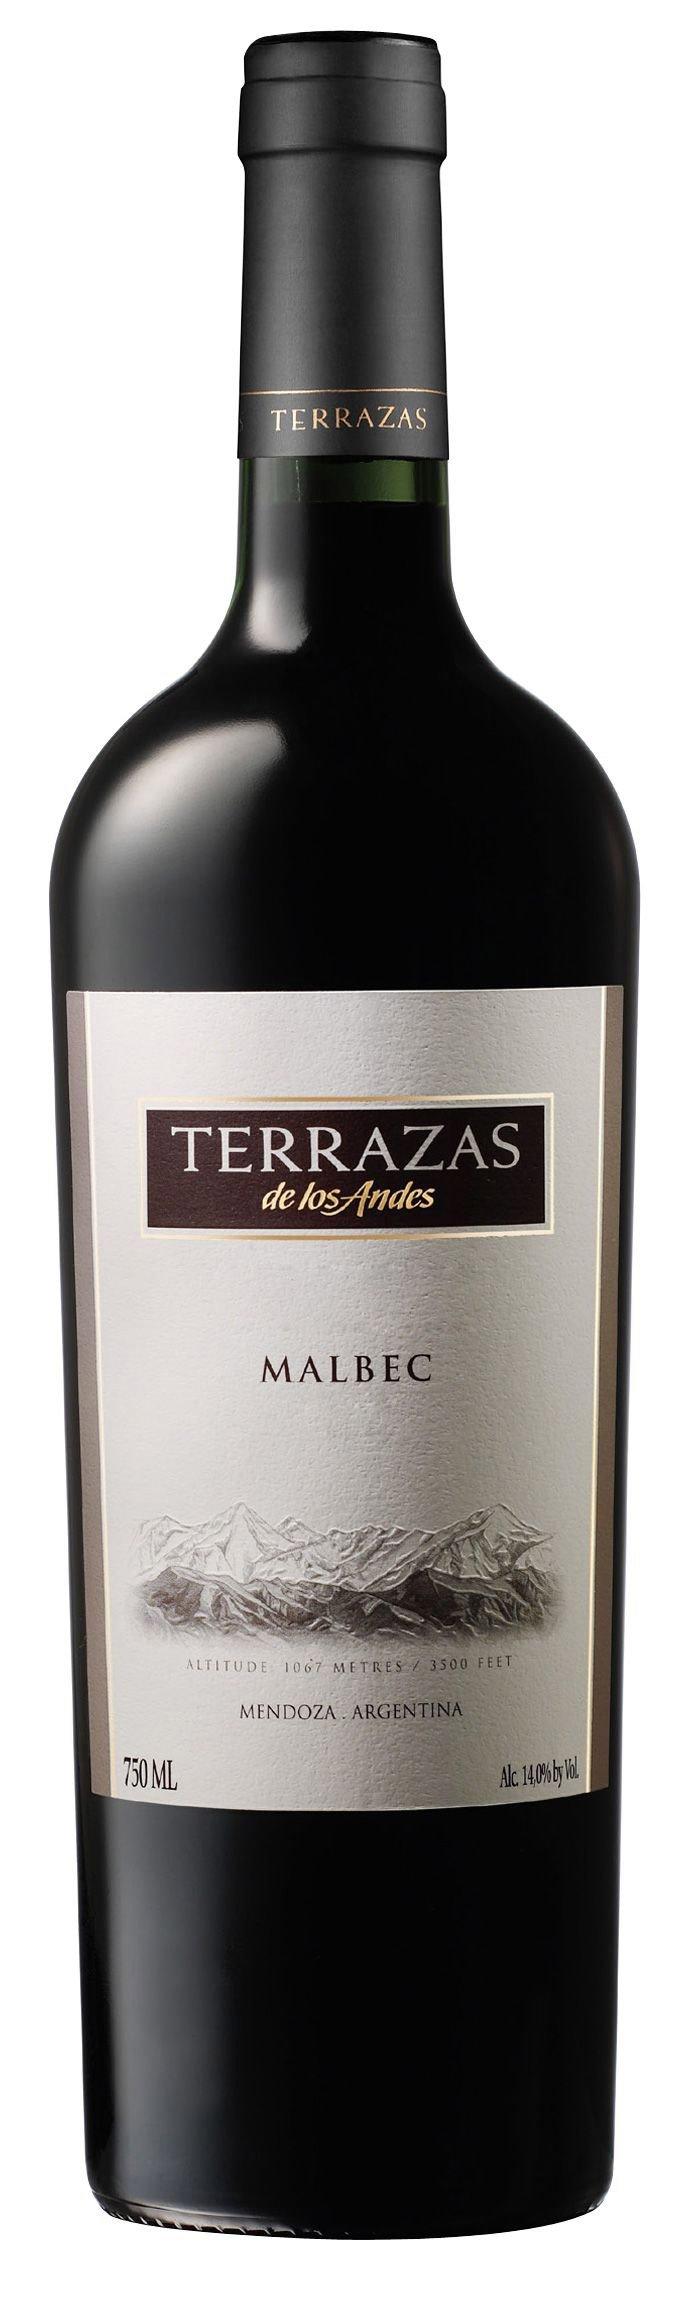 Terrazas-de-los-Andes-Malbec-20152016-trocken-1-x-075-l